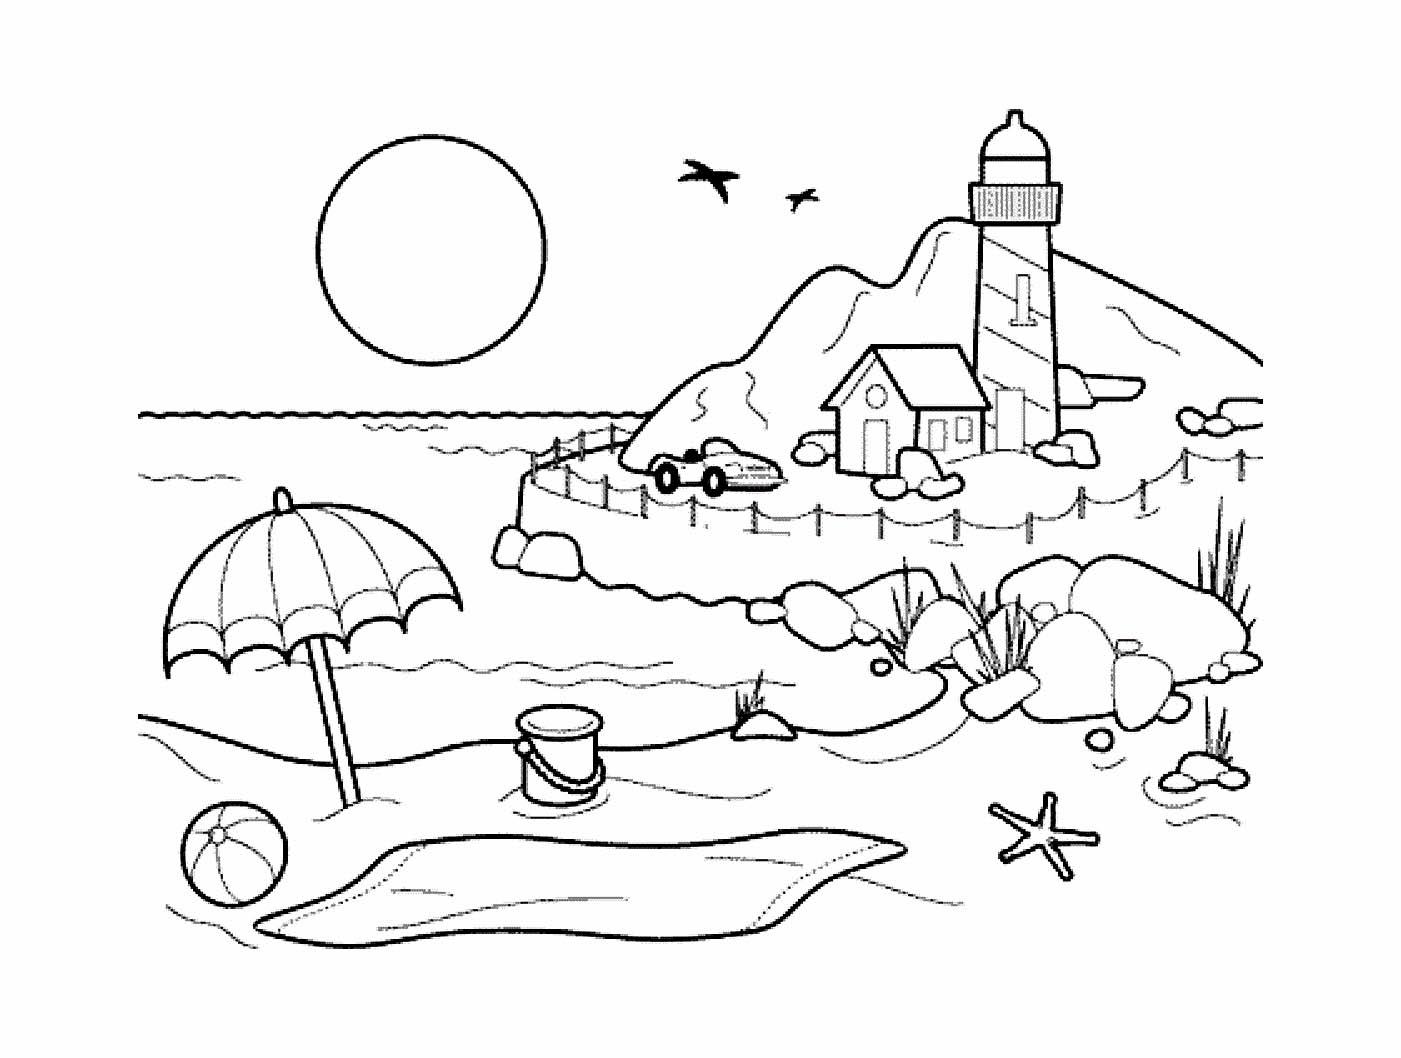 Simple plage coloriage sur les vacances la mer coloriages pour enfants - Coloriage plage ...